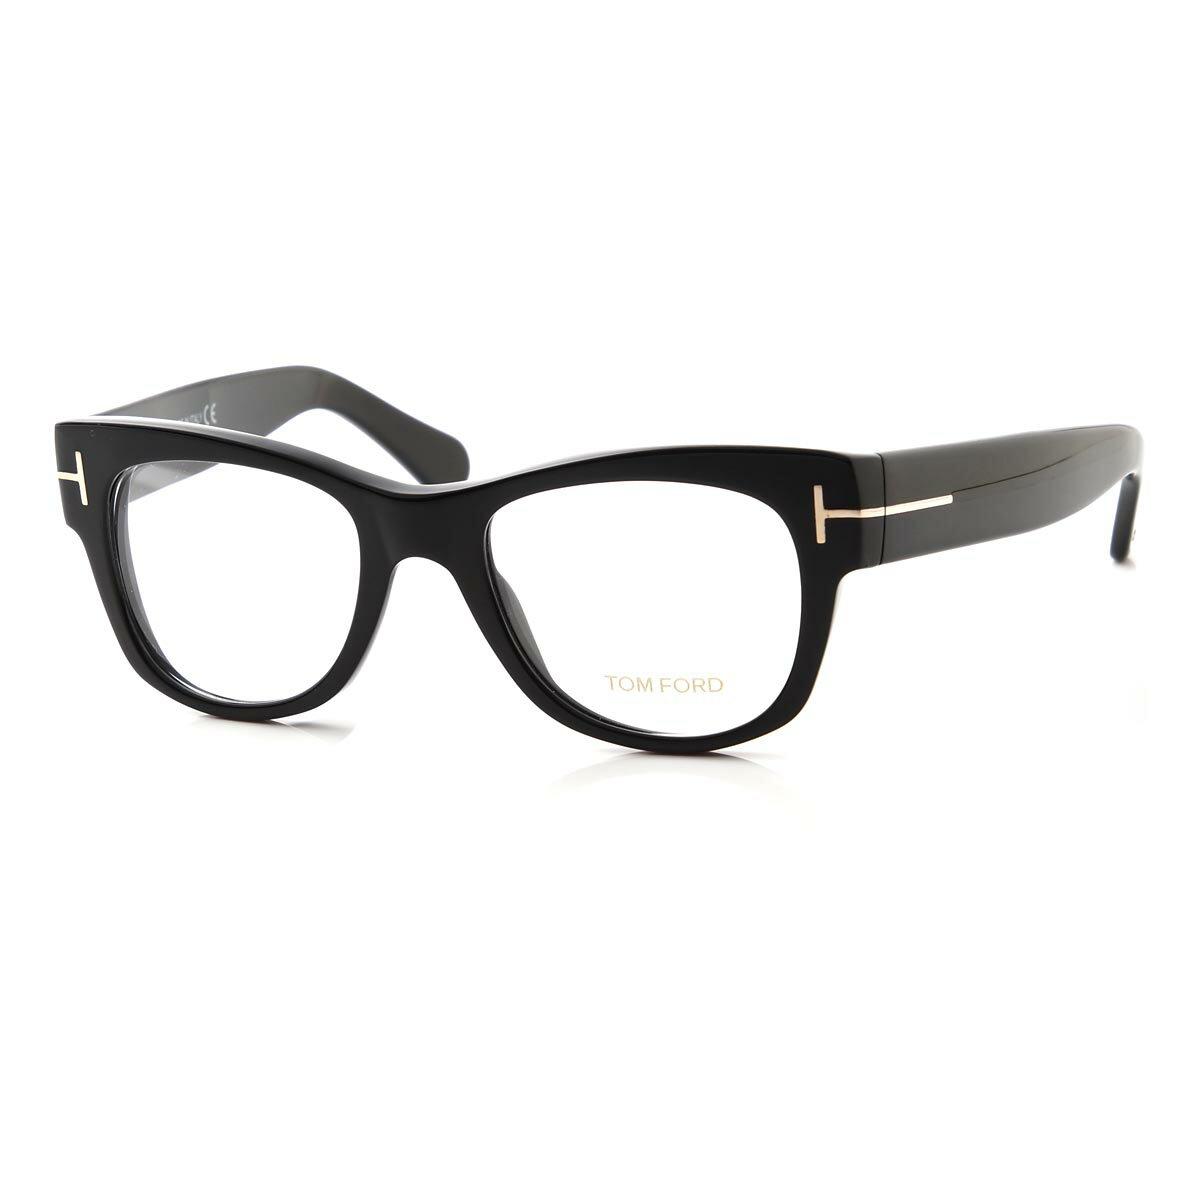 トムフォード TOM FORD 眼鏡 メガネ フレーム ブラック メンズ 黒 ft5040 0b5 ウェリントン【ラッピング無料】【返品送料無料】【あす楽対応_関東】